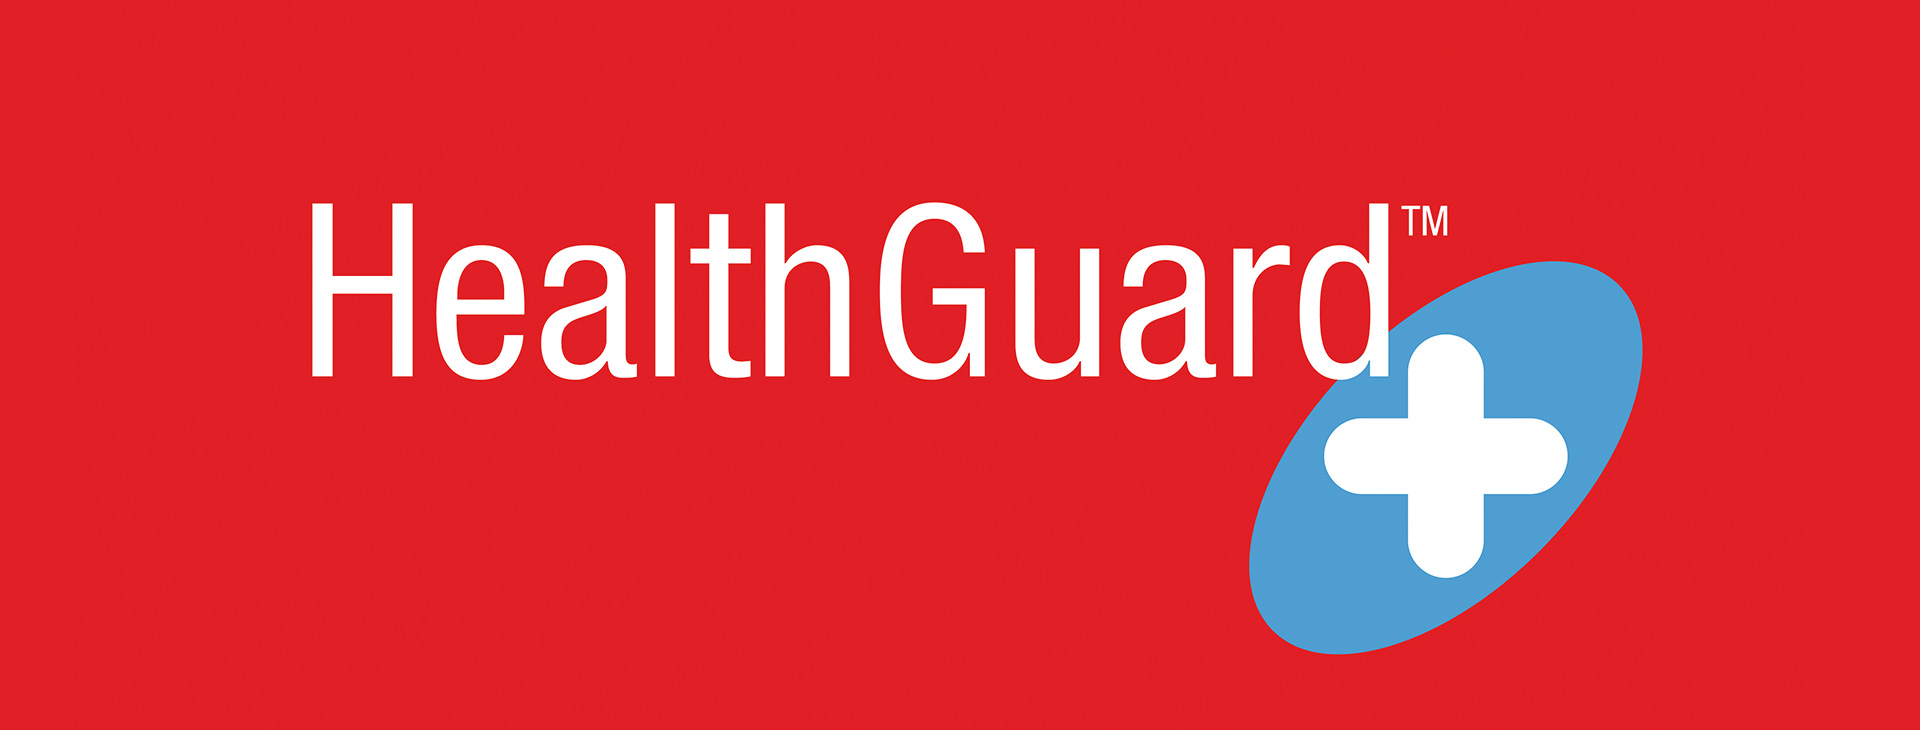 health-guard_lente_NO_20201102